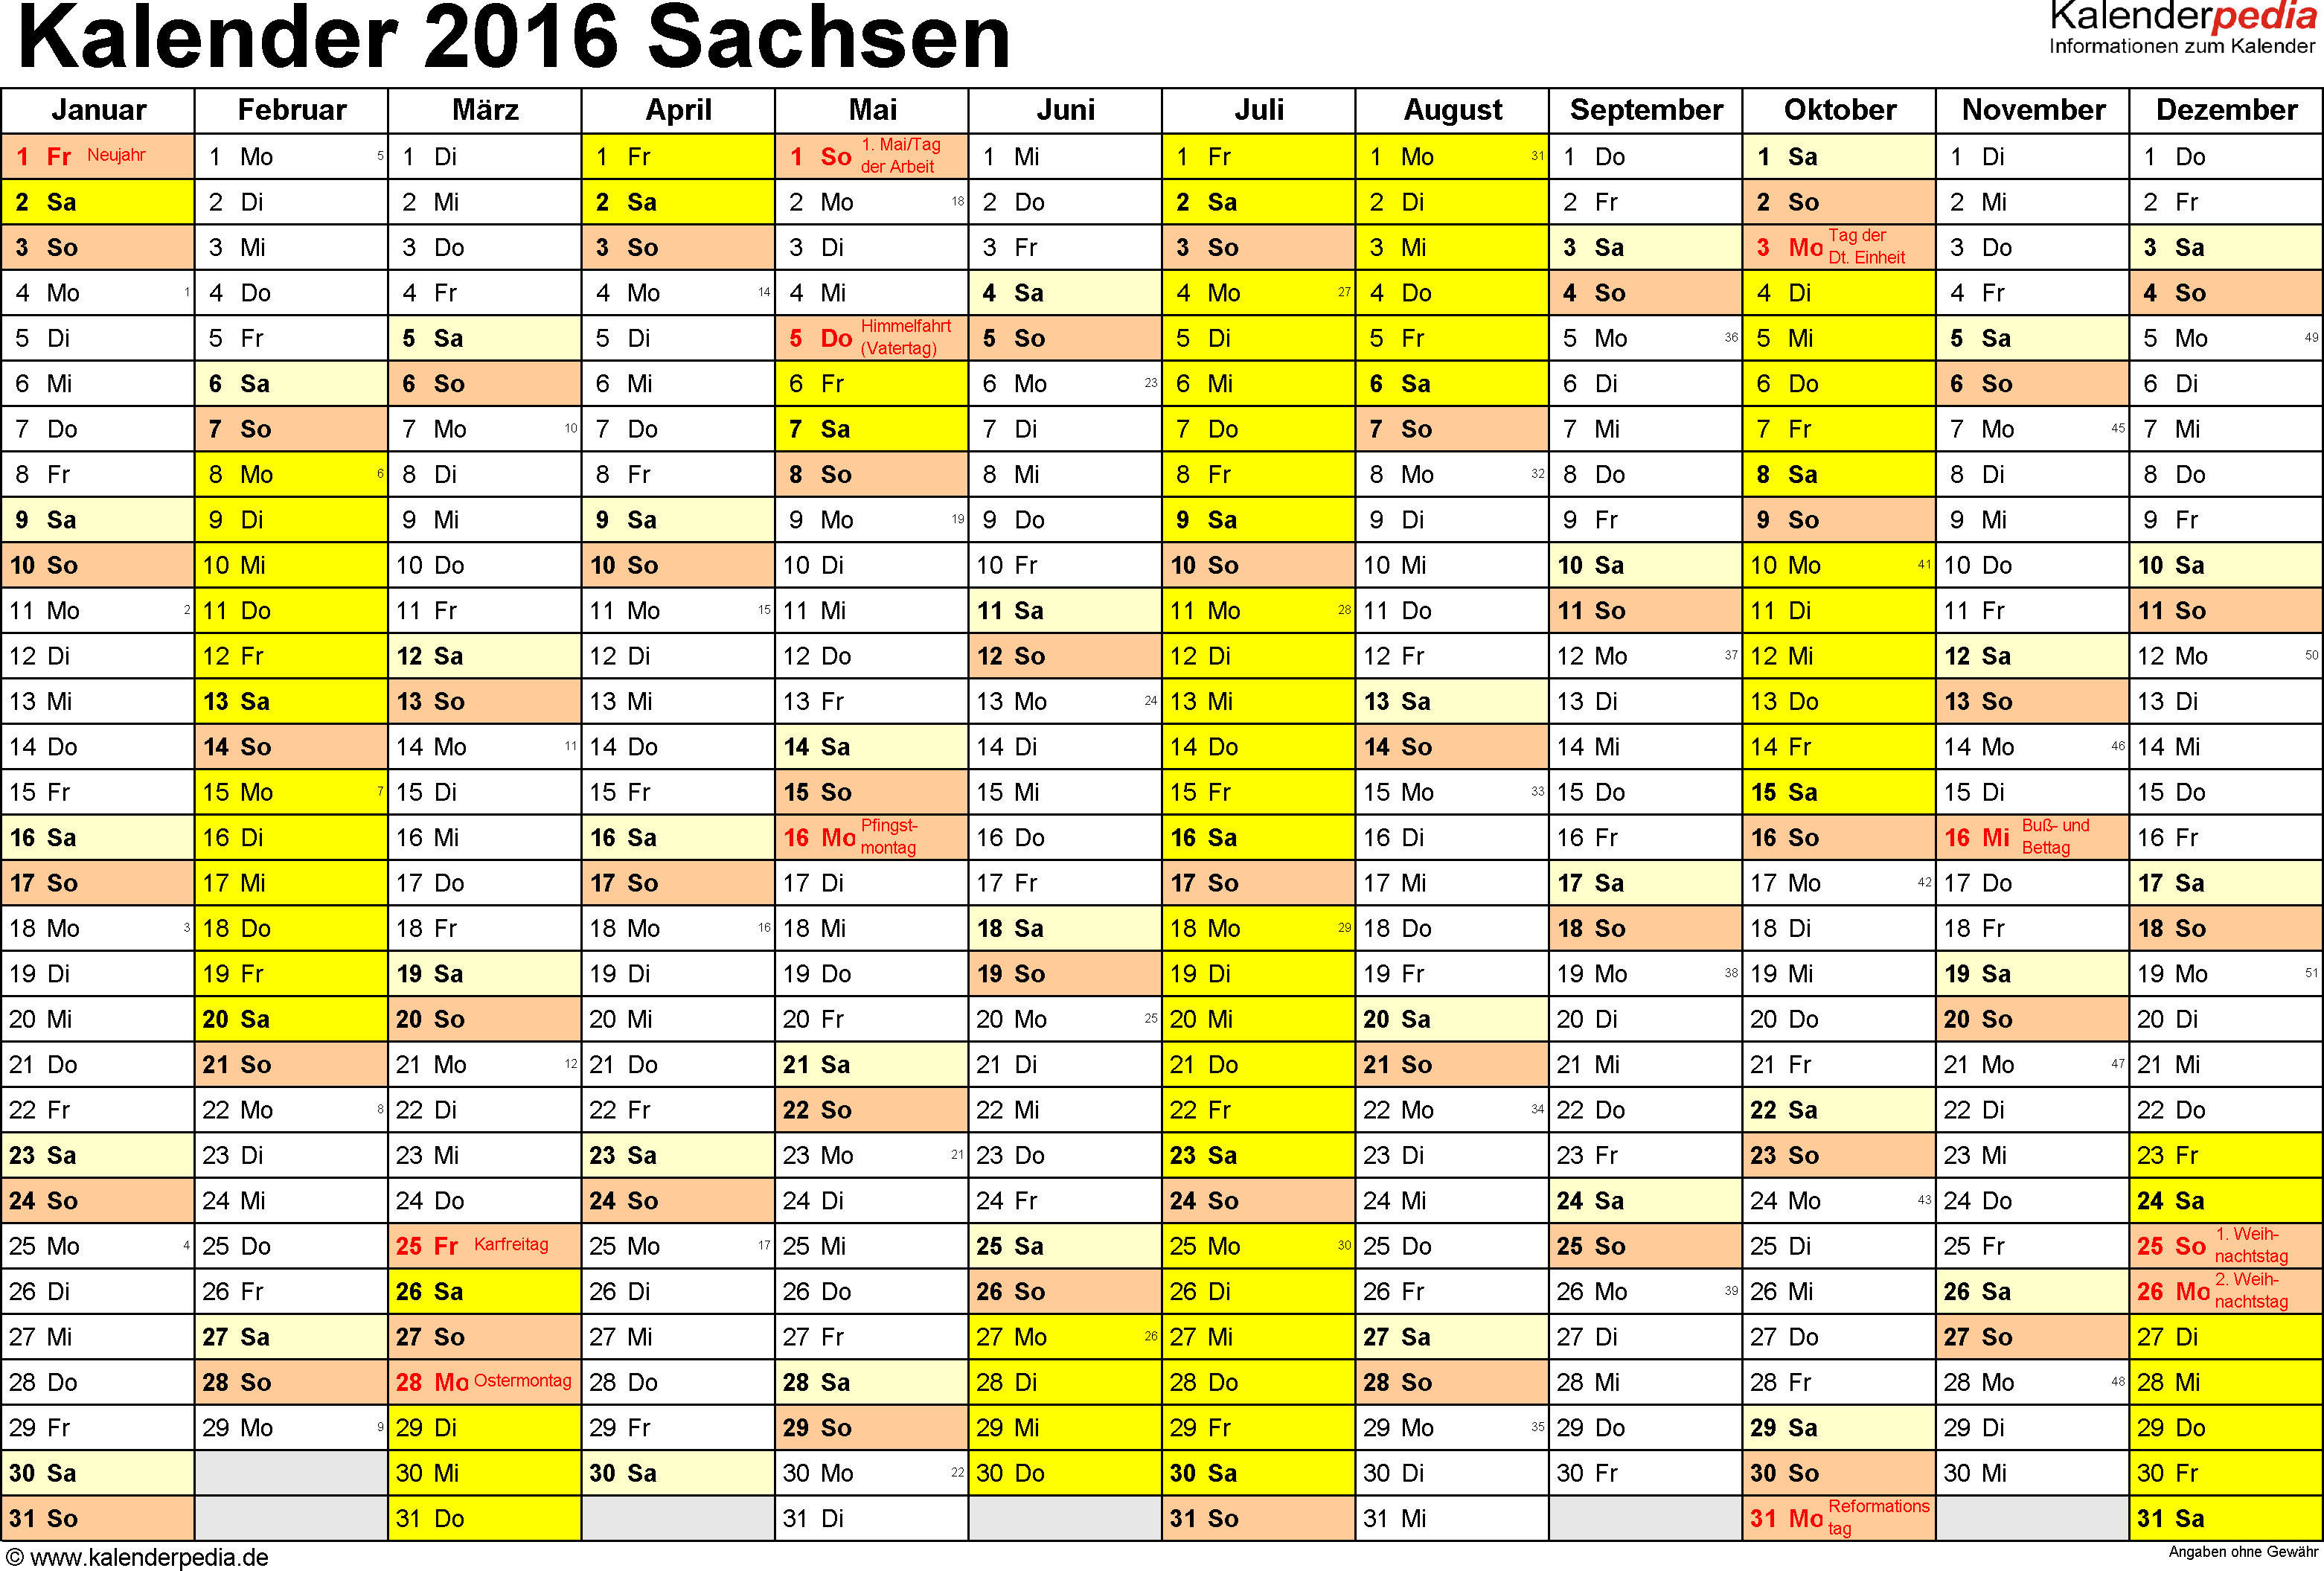 Vorlage 1: Kalender 2016 für Sachsen als Excel-Vorlagen (Querformat, 1 Seite)